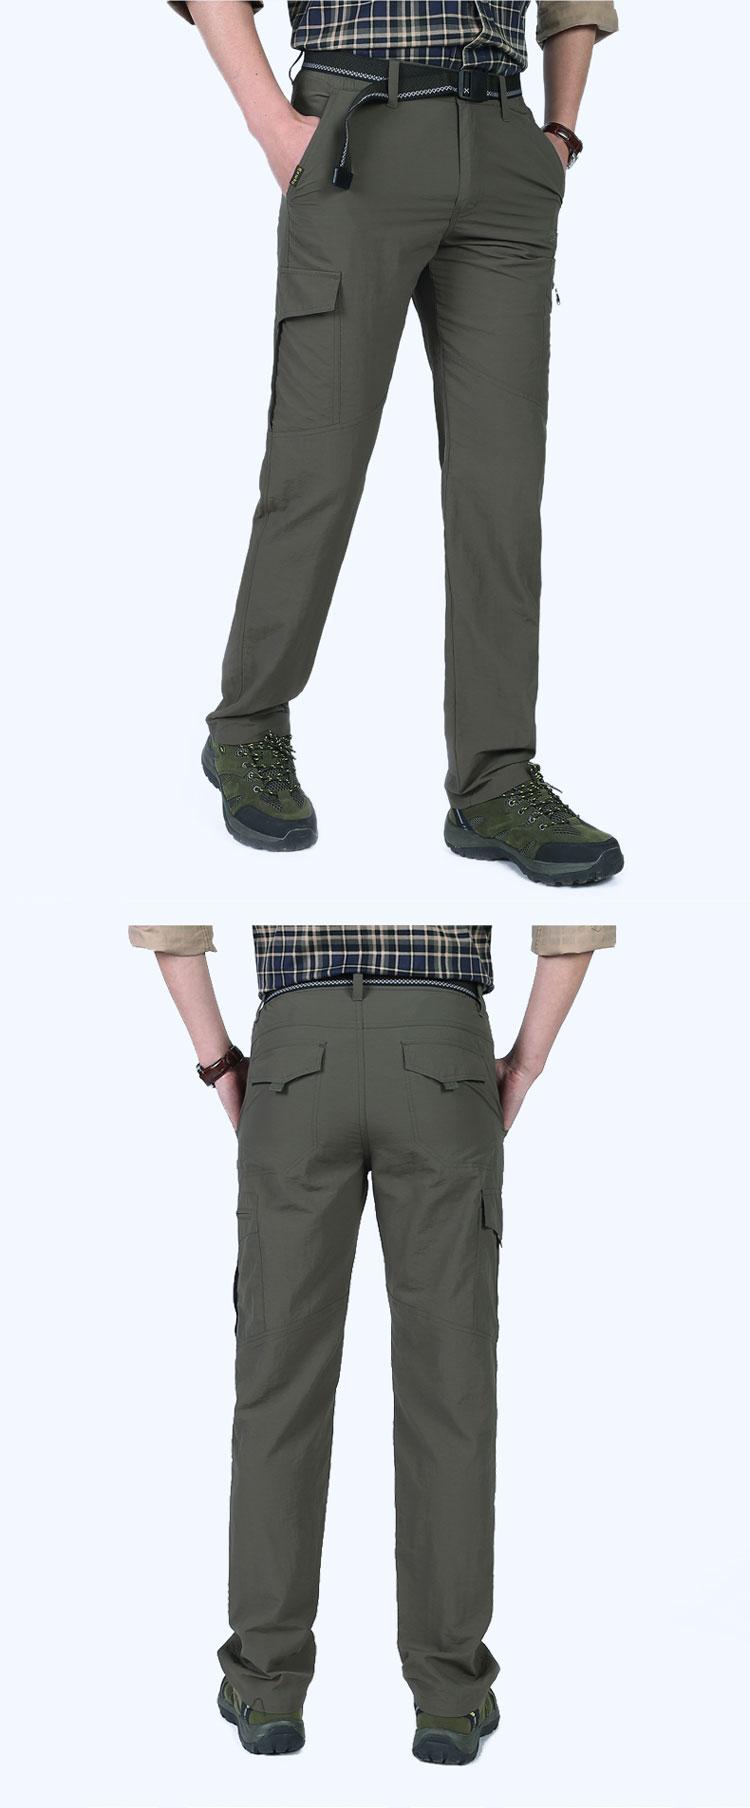 Jeep lá chắn quần âu nam màu quân sự ngoài trời đi bộ đường dài du lịch nhanh chóng làm khô quần nam overalls quần quân sự quần nam mỏng quần mới